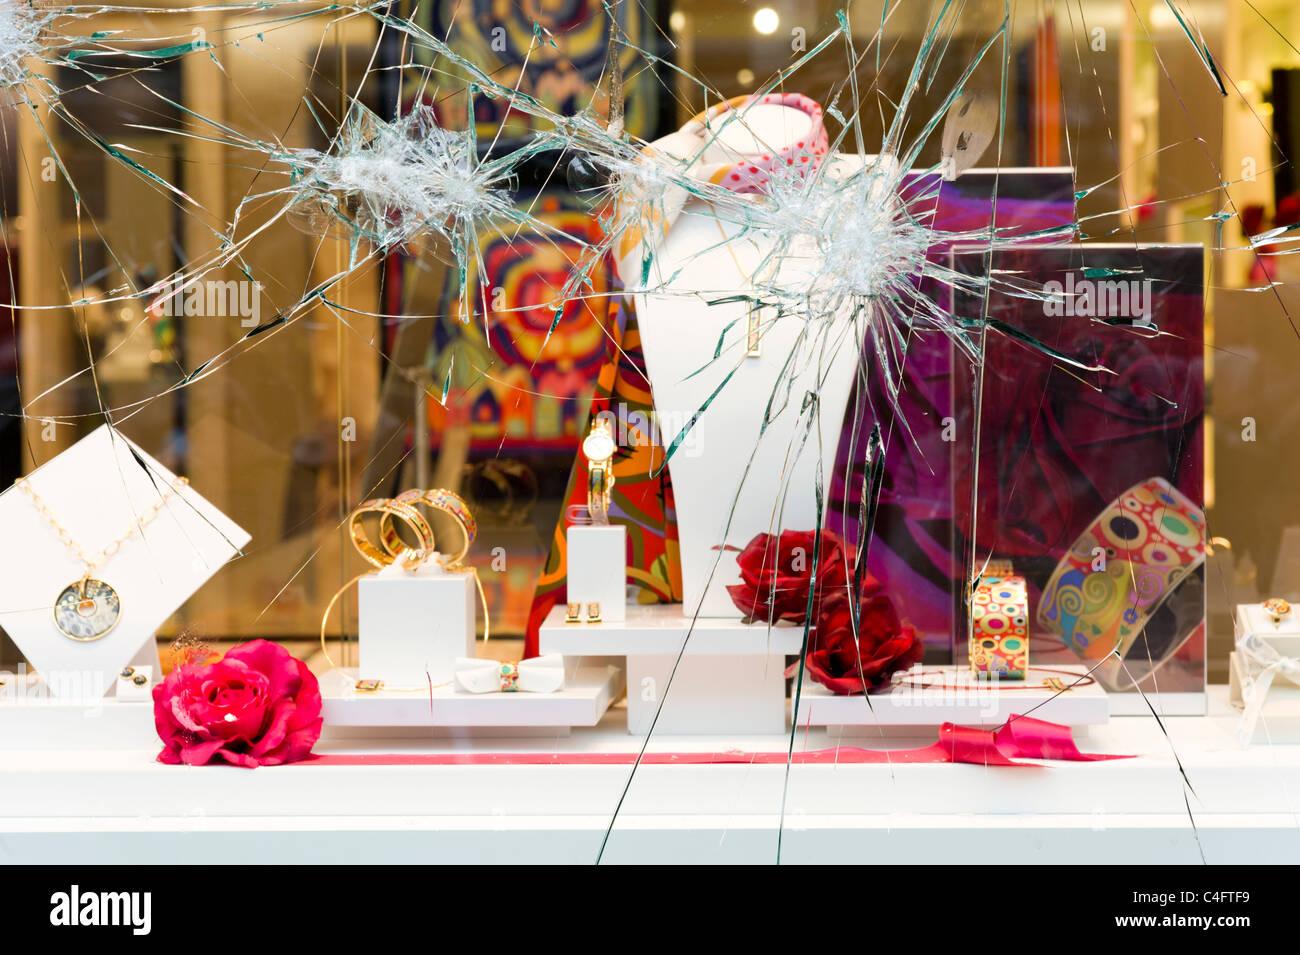 Vandalised shop window, London, UK - Stock Image